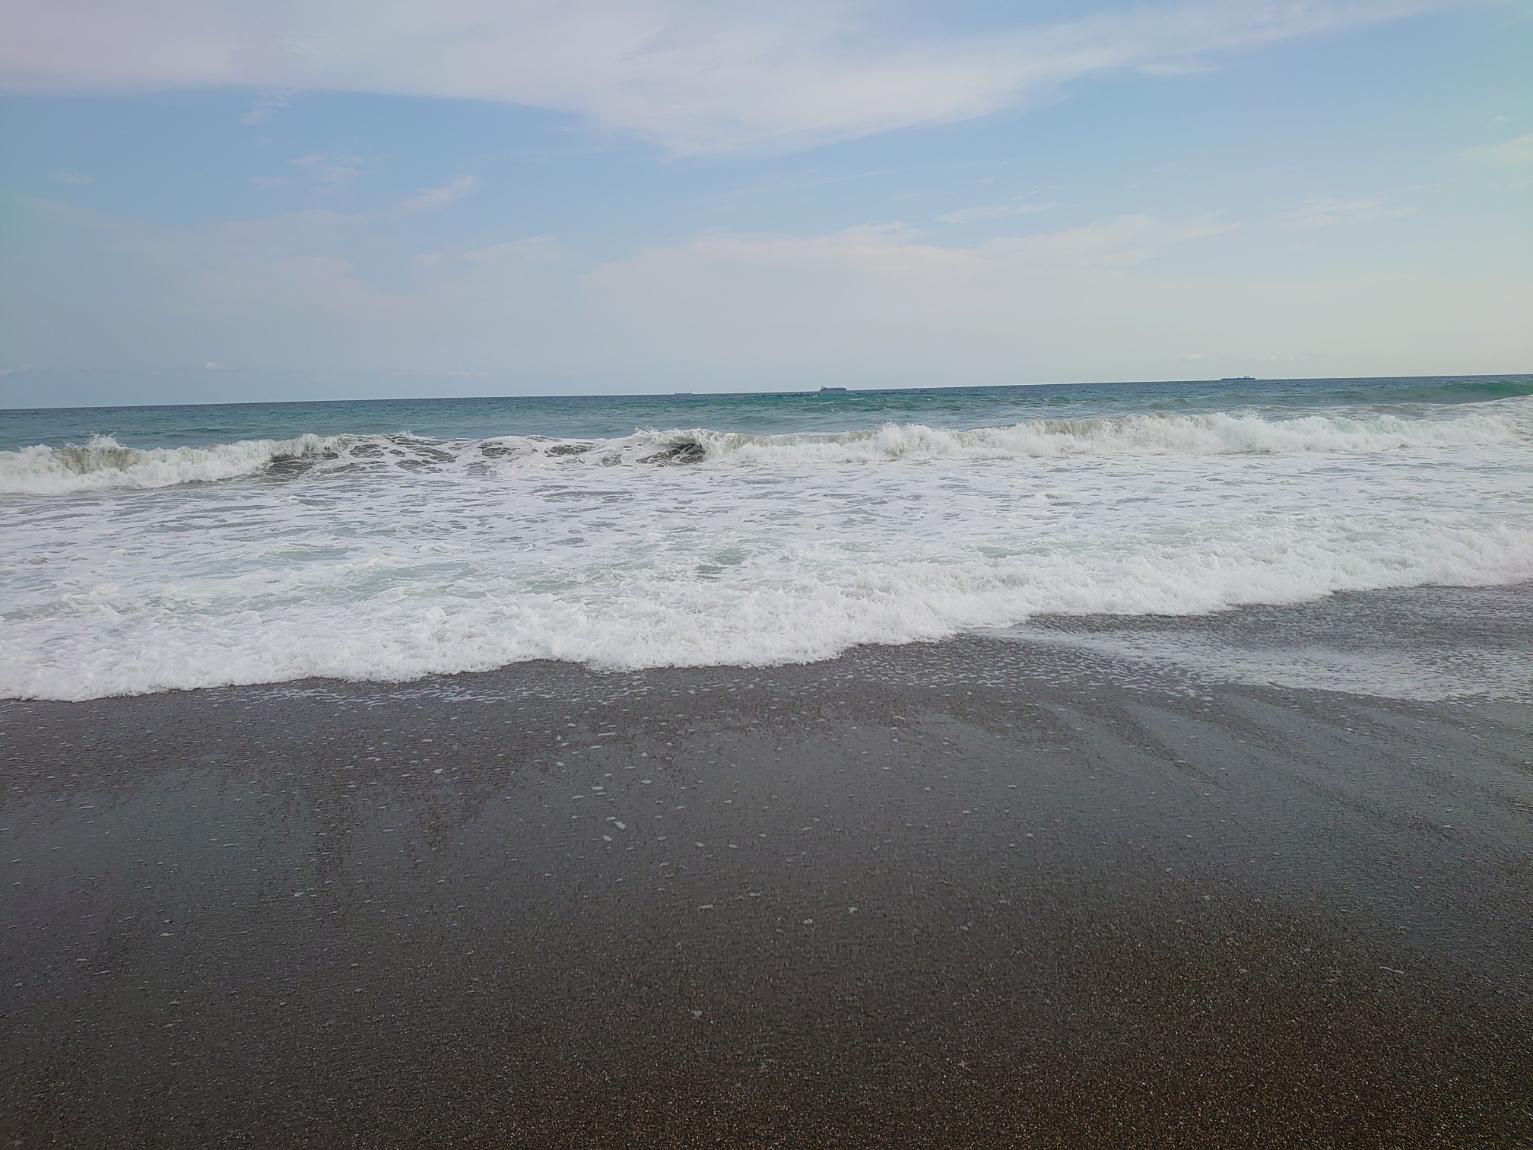 波が高い海